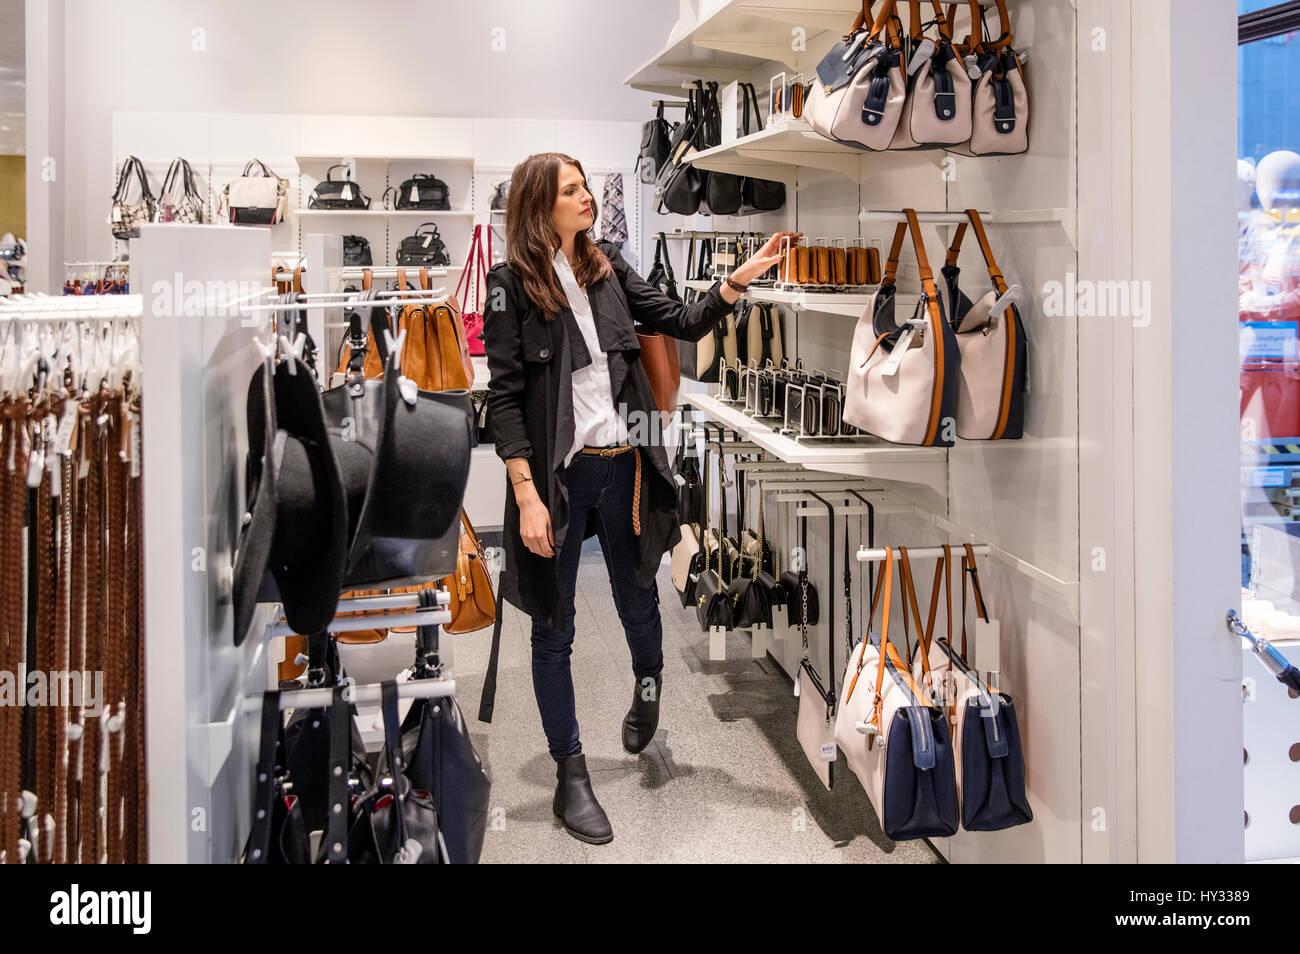 La Svezia, donna scegliendo portamonete in negozio Immagini Stock